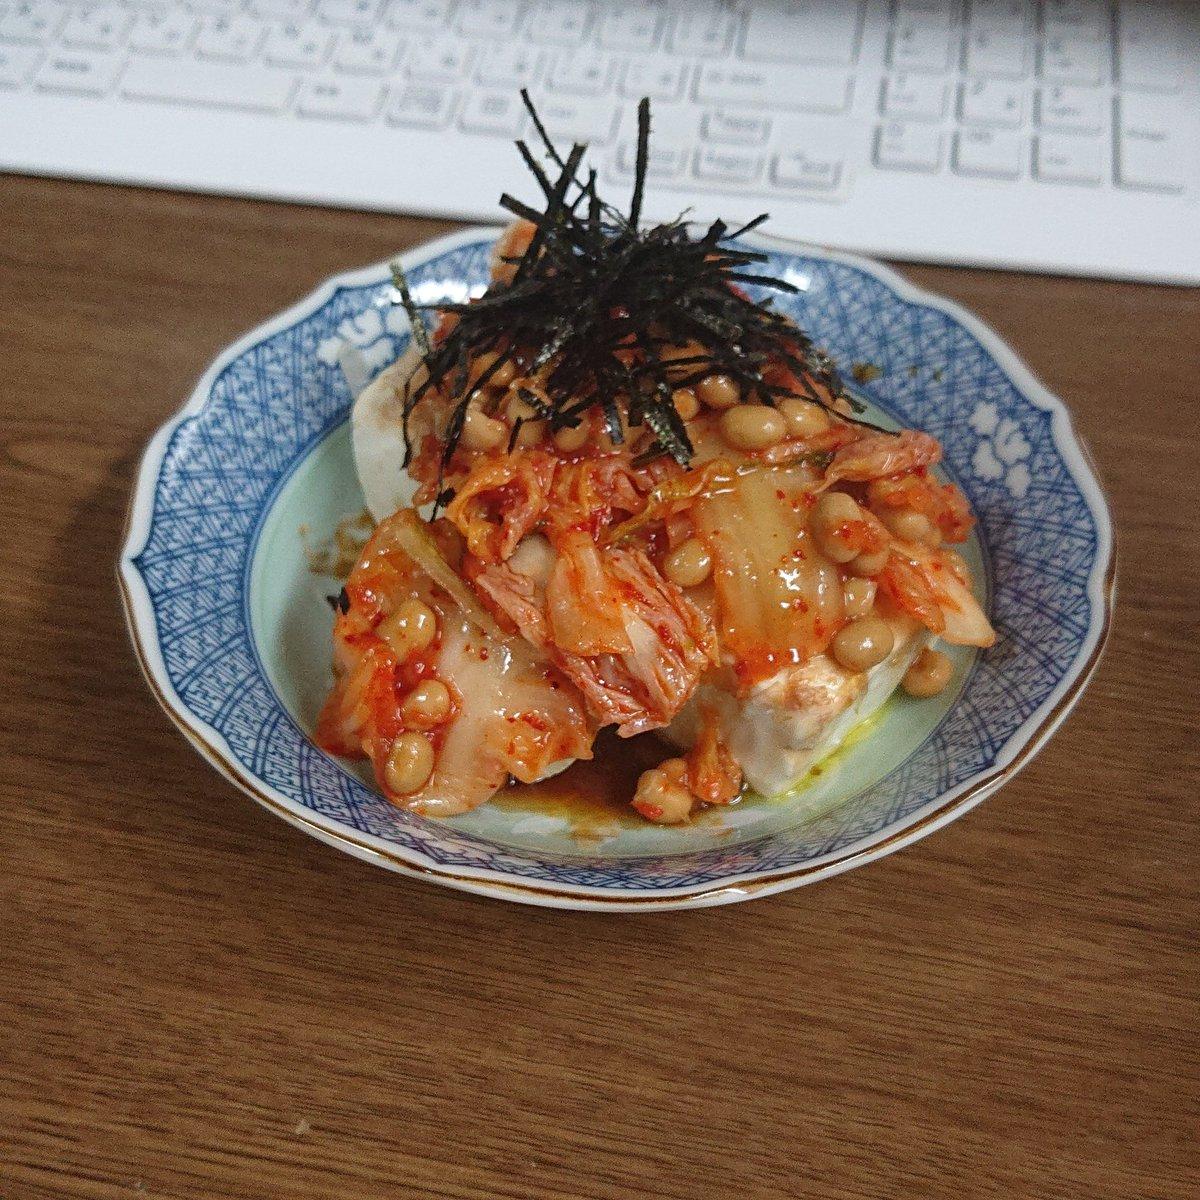 納豆 ダイエット 豆腐 キムチ